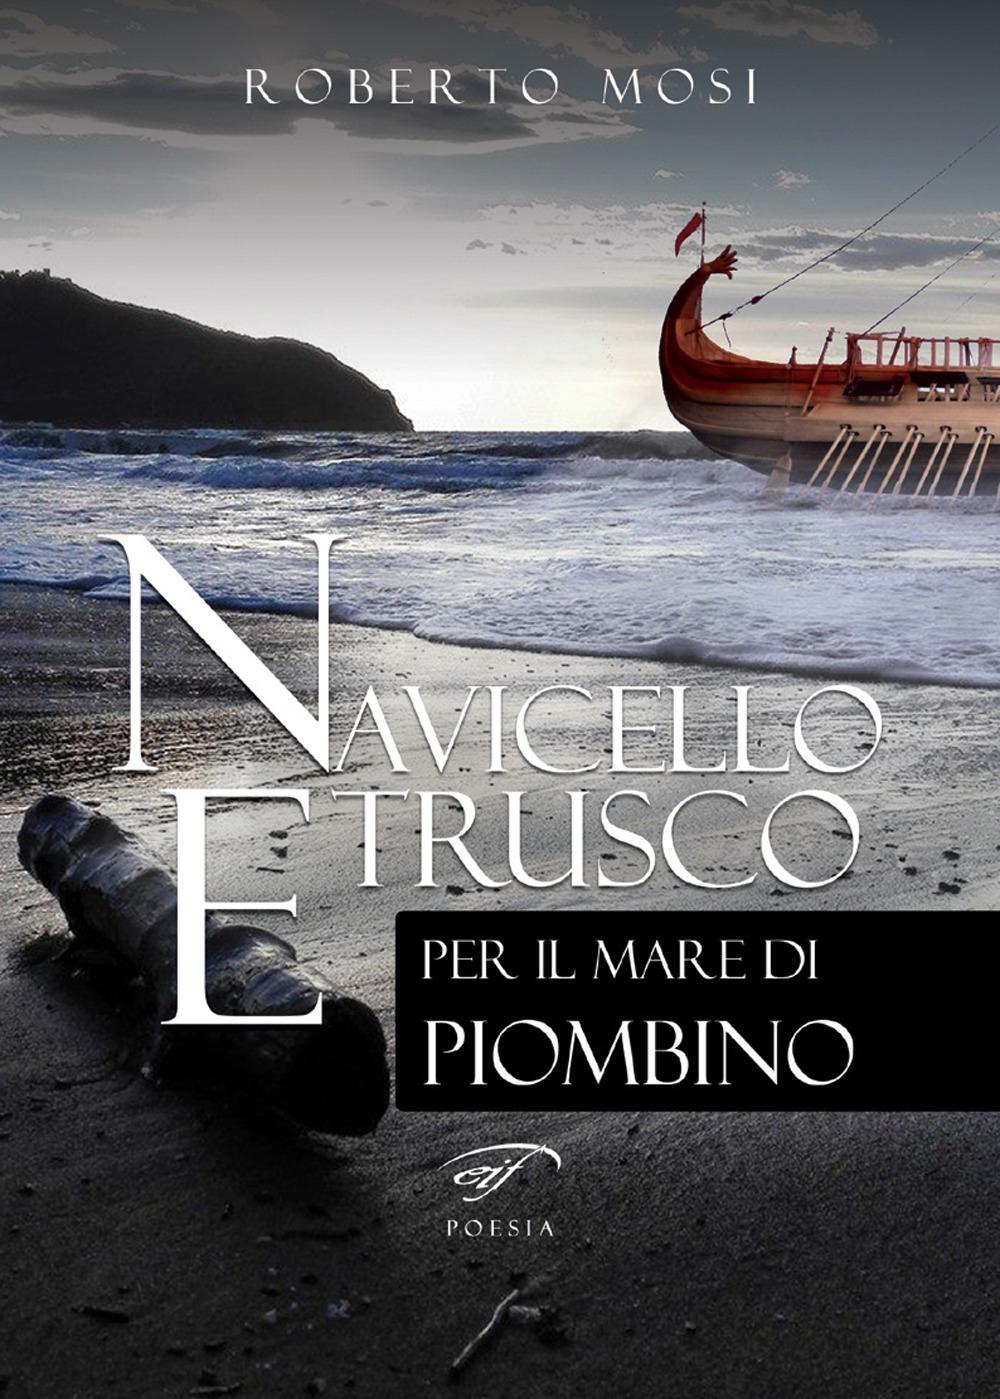 Navicello etrusco